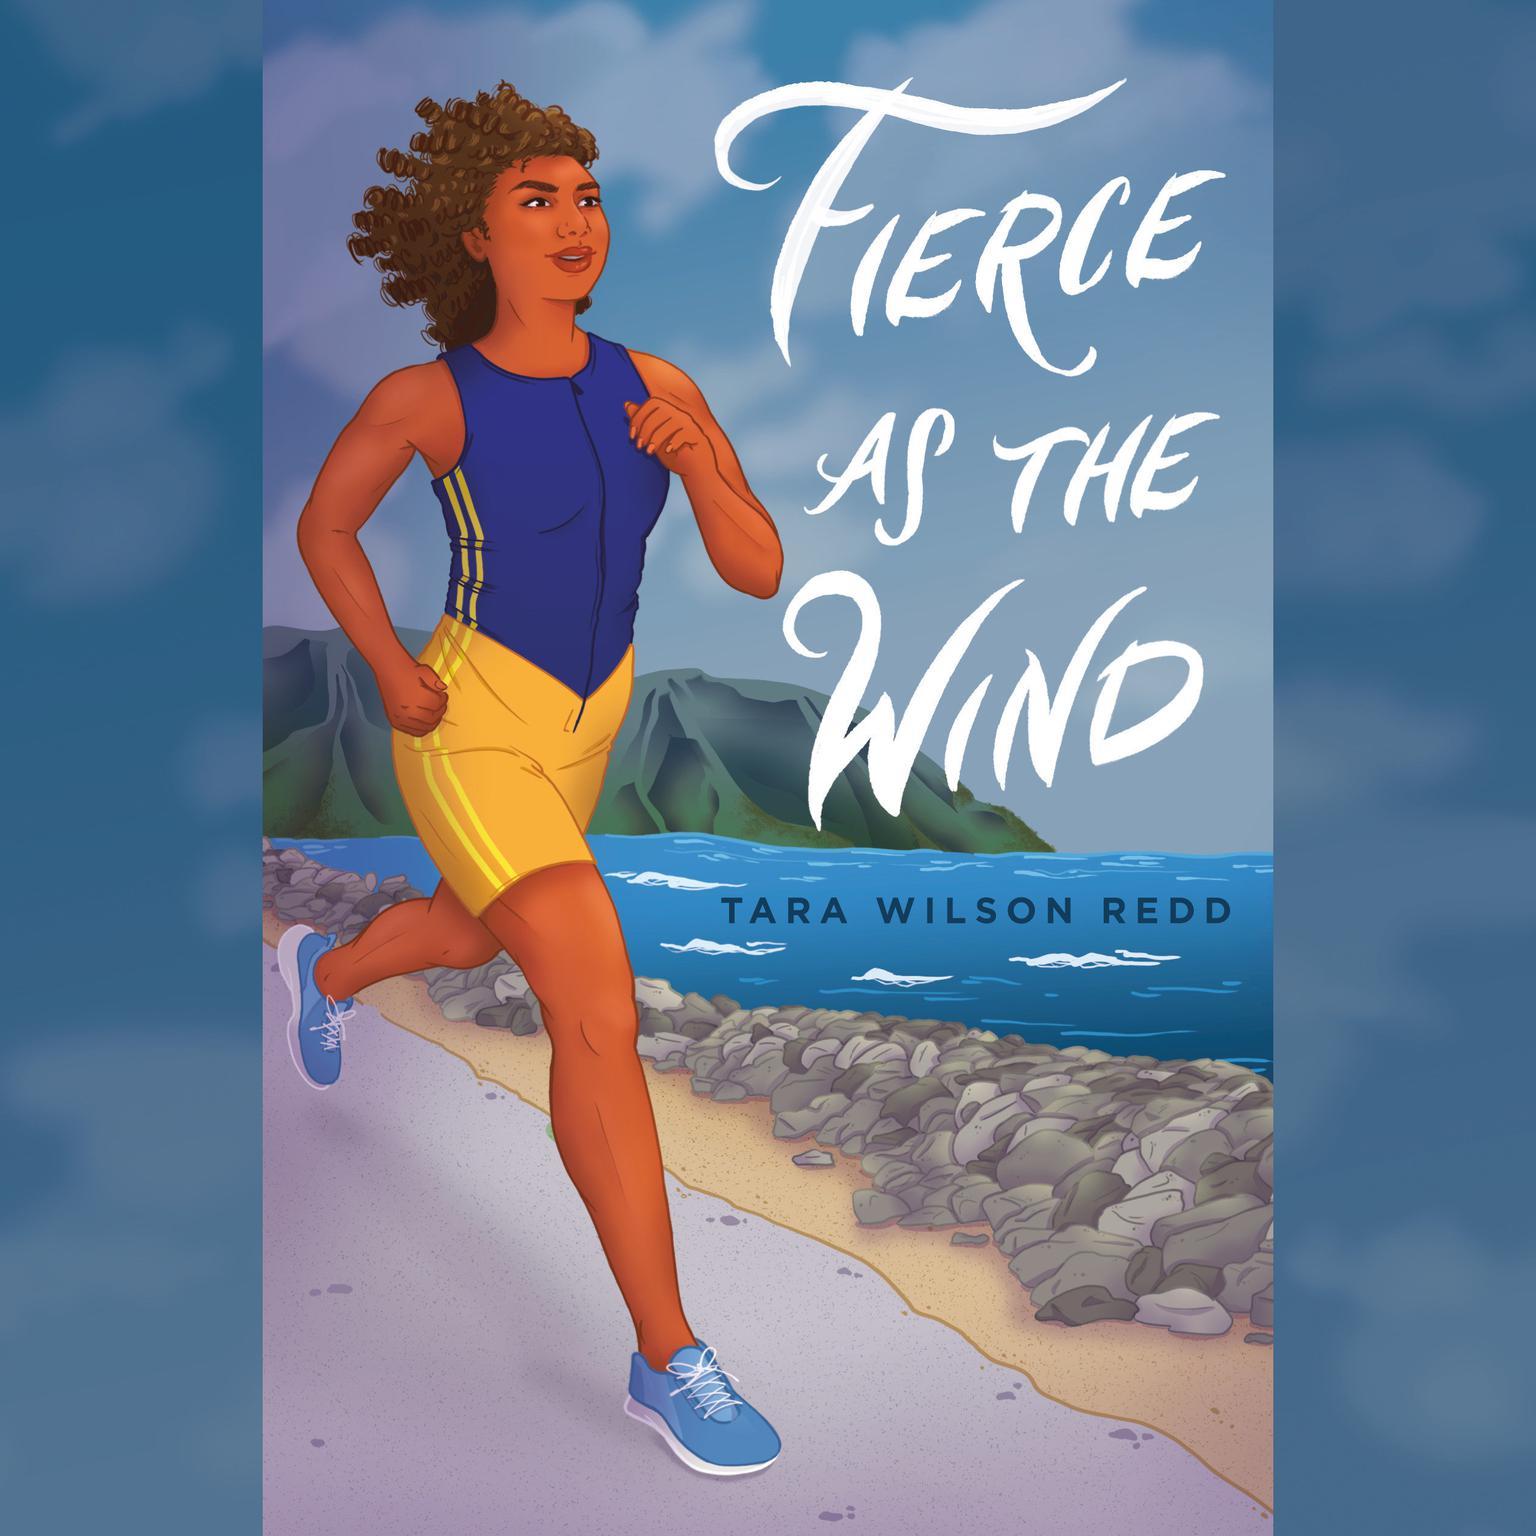 Fierce as the Wind Audiobook, by Tara Wilson Redd